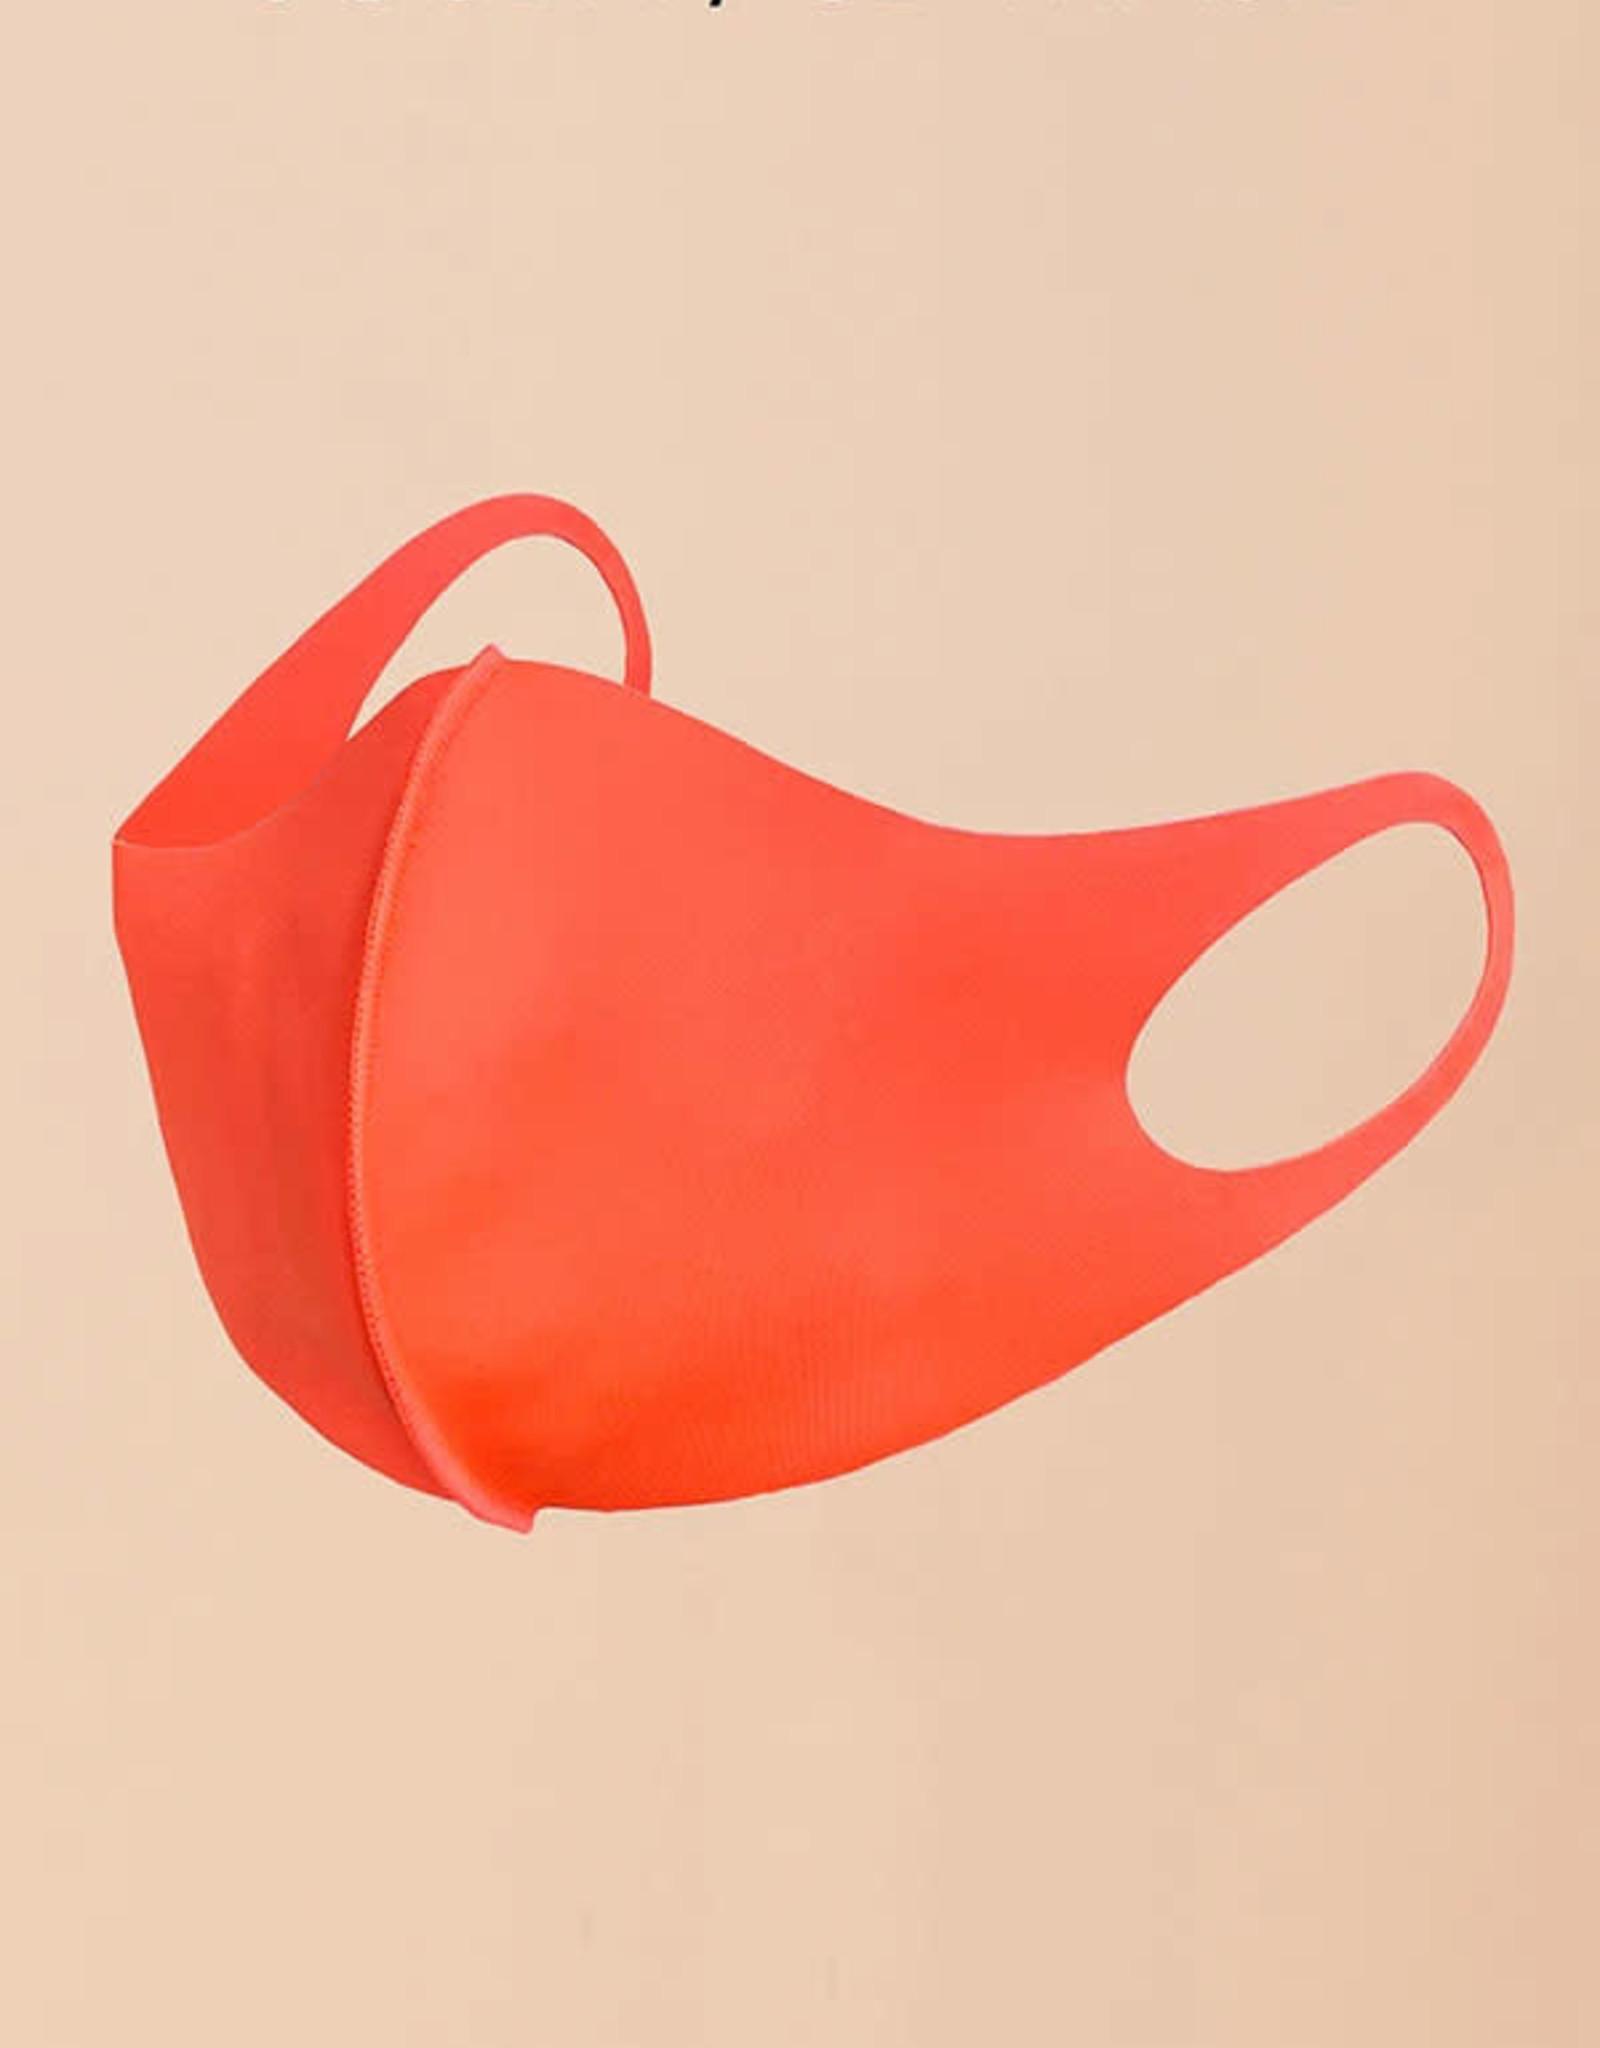 HYFVE Polyester/Spandex Mask